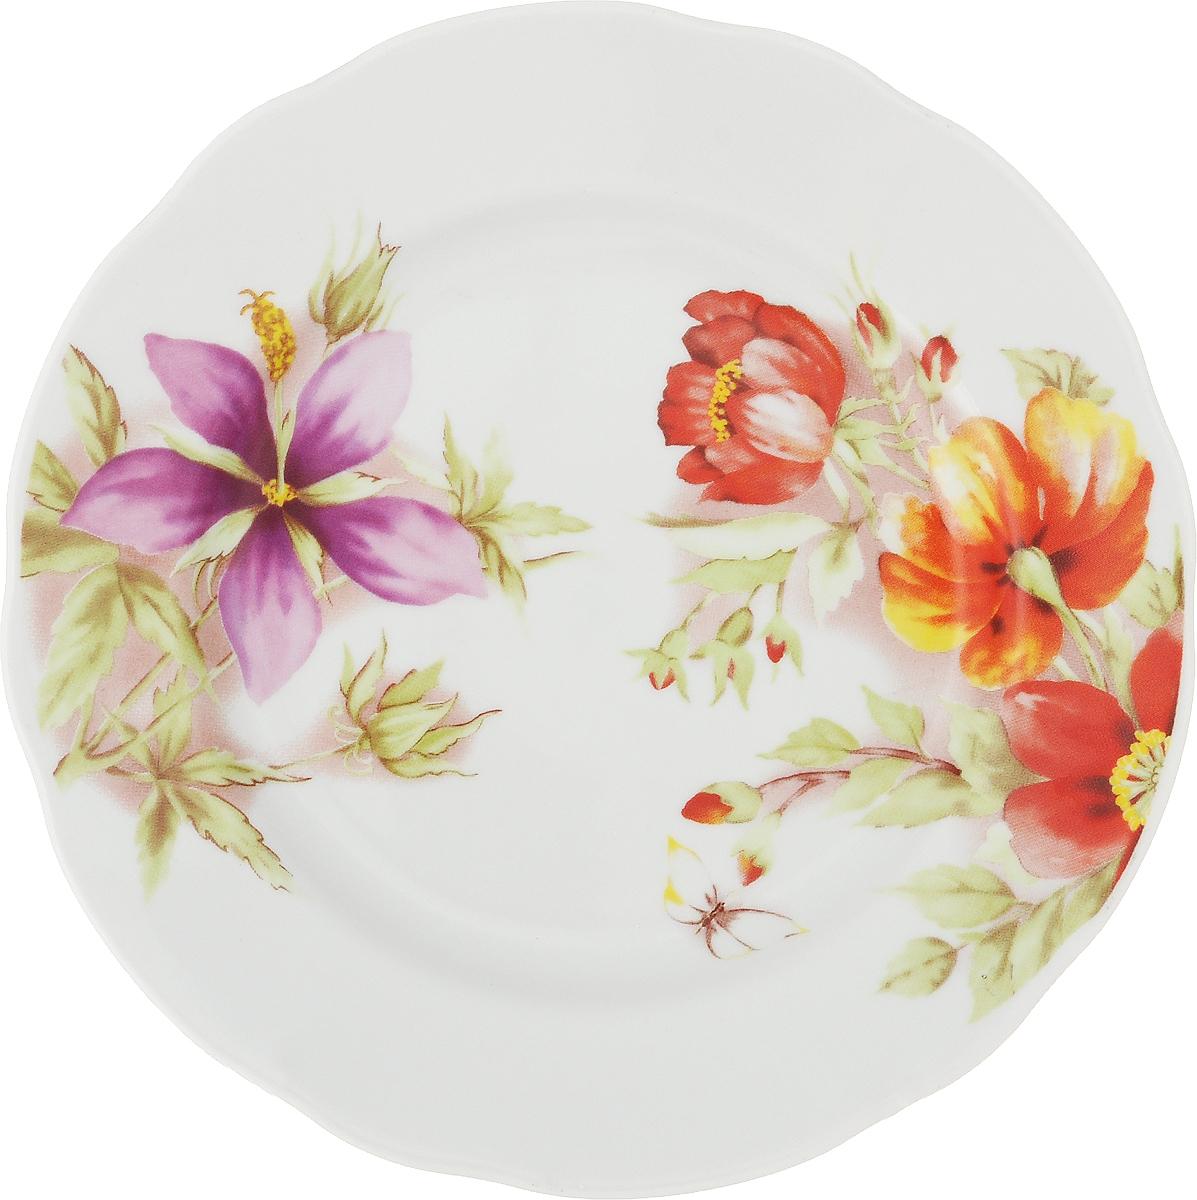 Тарелка мелкая Дулевский Фарфор Альпийские цветы, диаметр 20 см063572Тарелка мелкая Дулевский Фарфор Альпийские цветы выполнена из высококачественного фарфора, покрытого глазурью. Изделие дополнено красочным рисунком, а так же имеет вырезной край. Тарелку можно использовать для сервировки различных блюд.